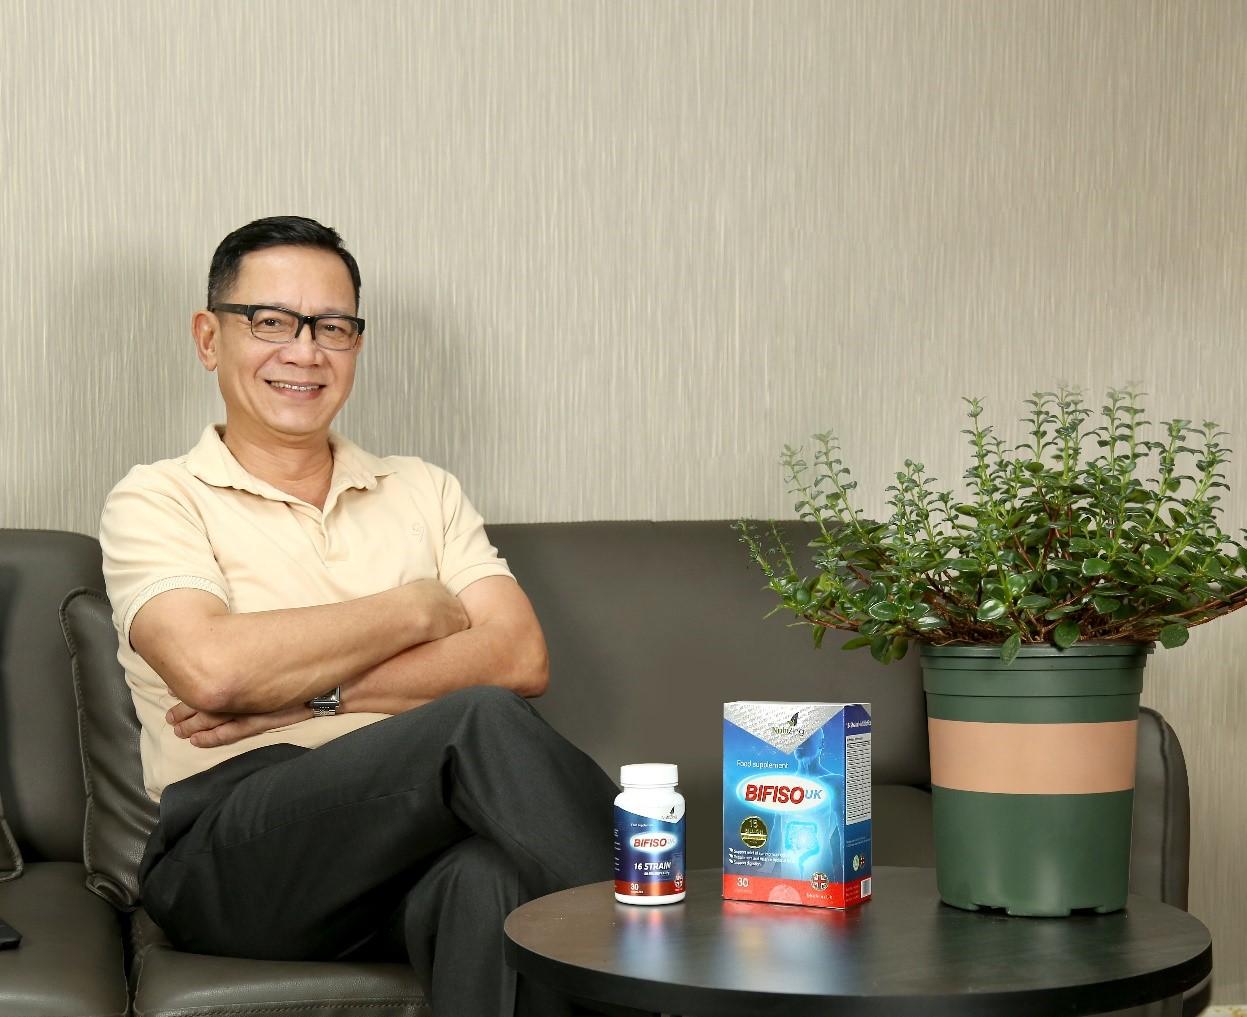 Nghệ sĩ Phạm Cường thường dùng men vi sinh Bifiso UK khi ra ngoài ăn uống.